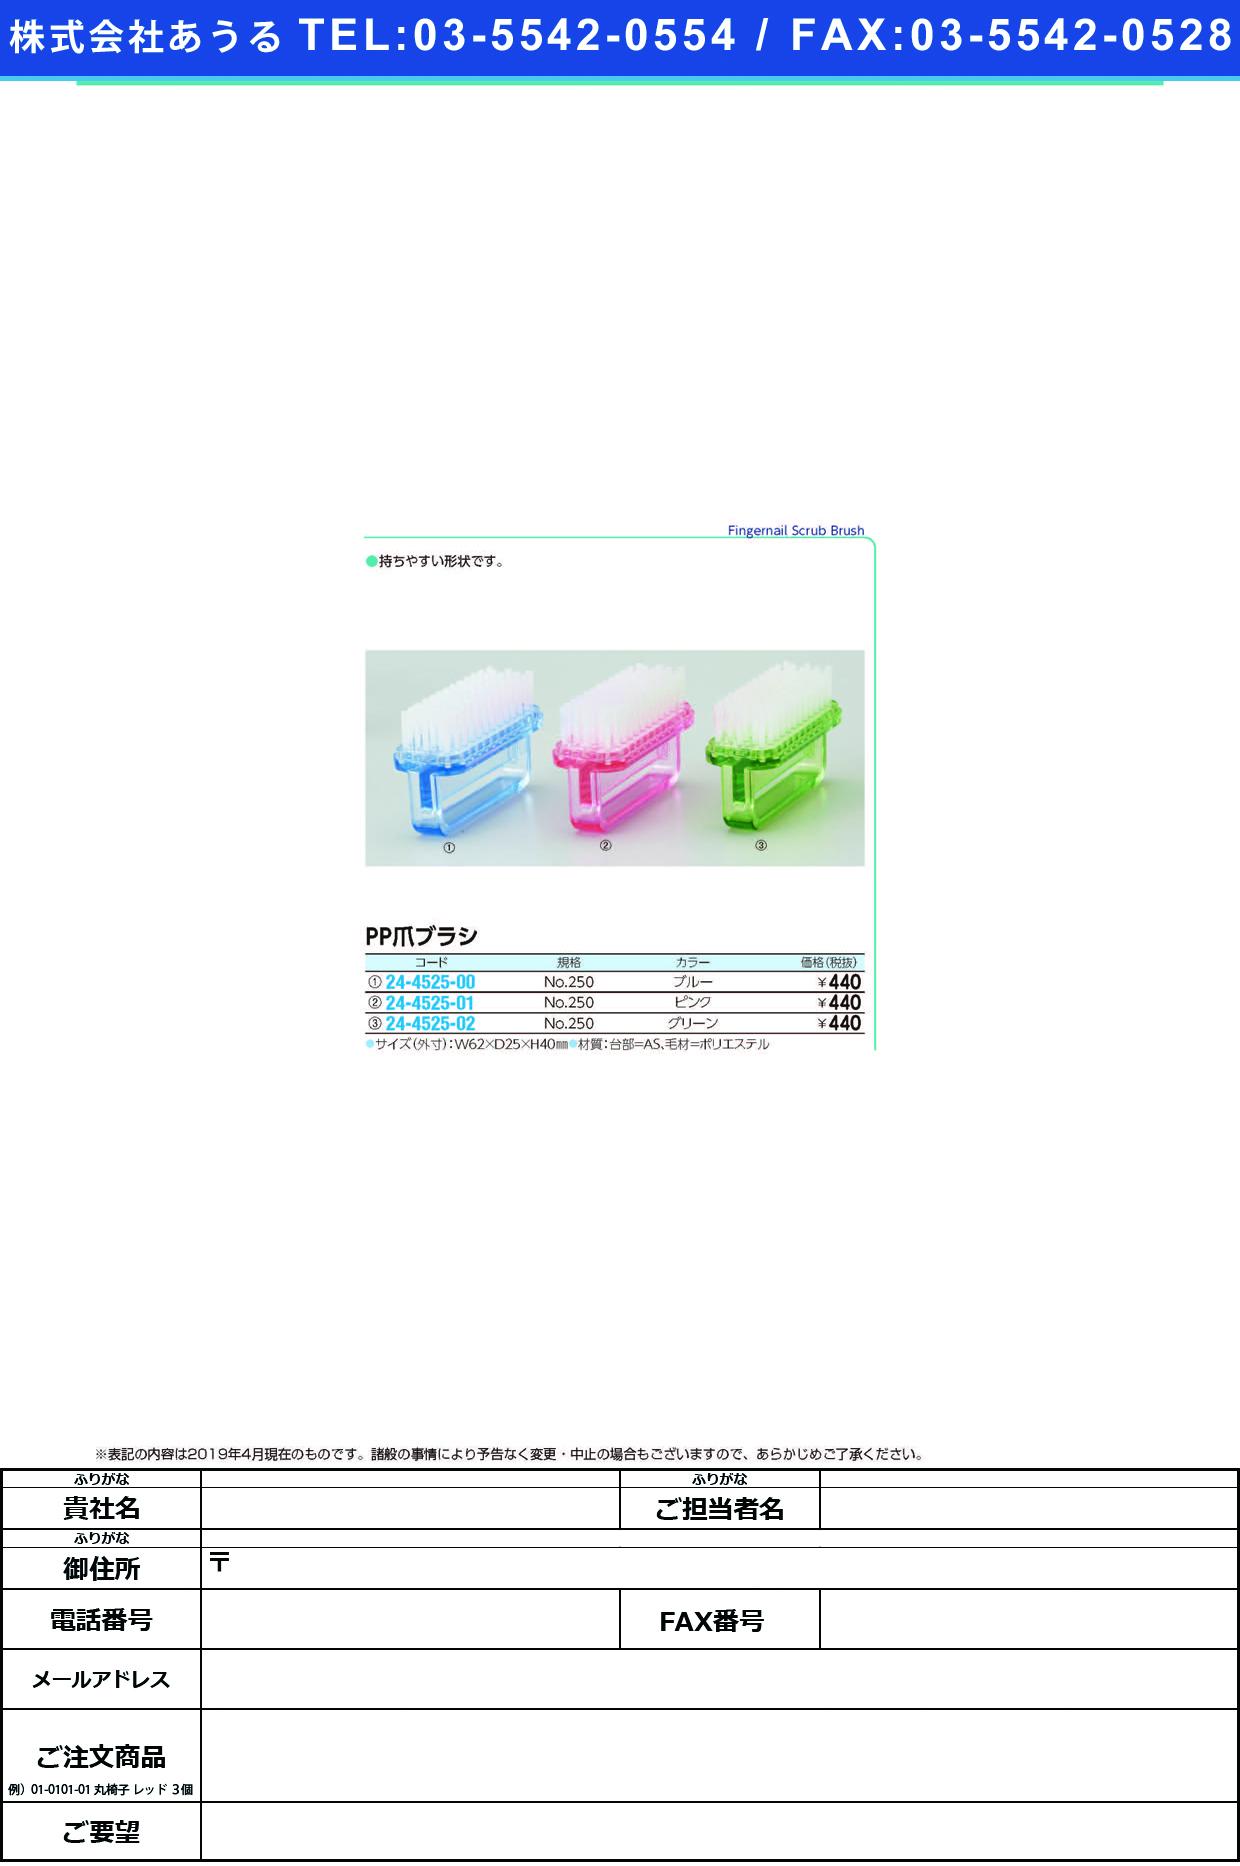 (24-4525-02)PP爪ブラシ(No.250) JBLF001(グリーン) PPツメブラシNO.250【1個単位】【2019年カタログ商品】